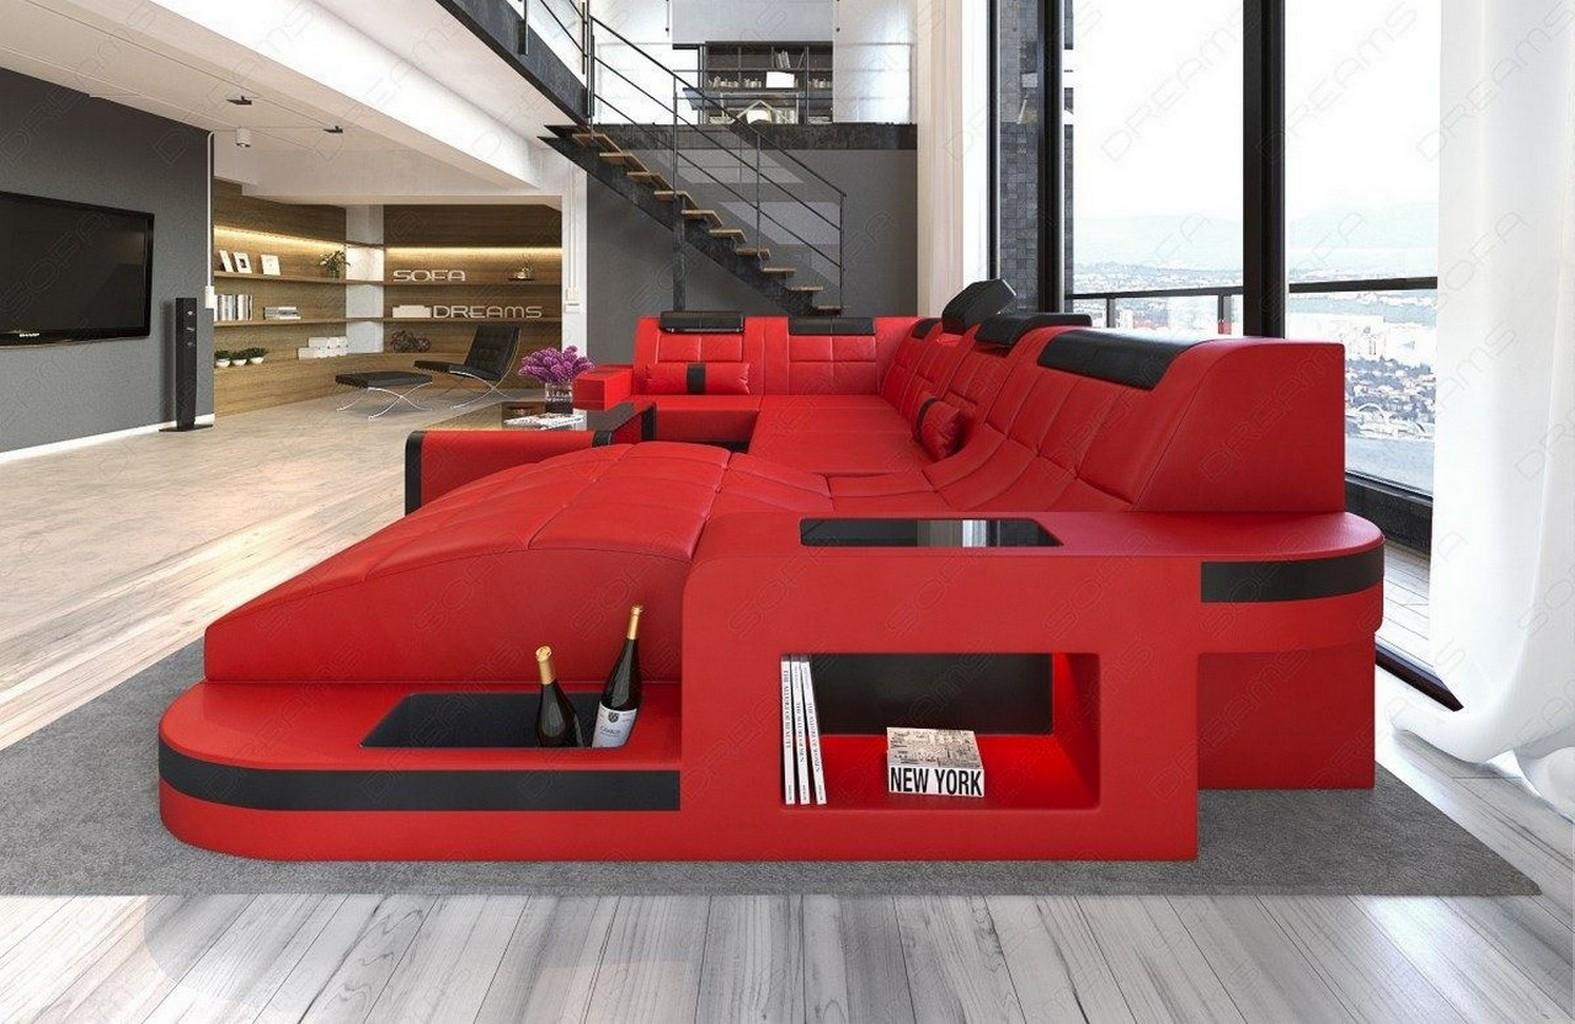 ledersofa wohnlandschaft wave u form couch garnitur led. Black Bedroom Furniture Sets. Home Design Ideas